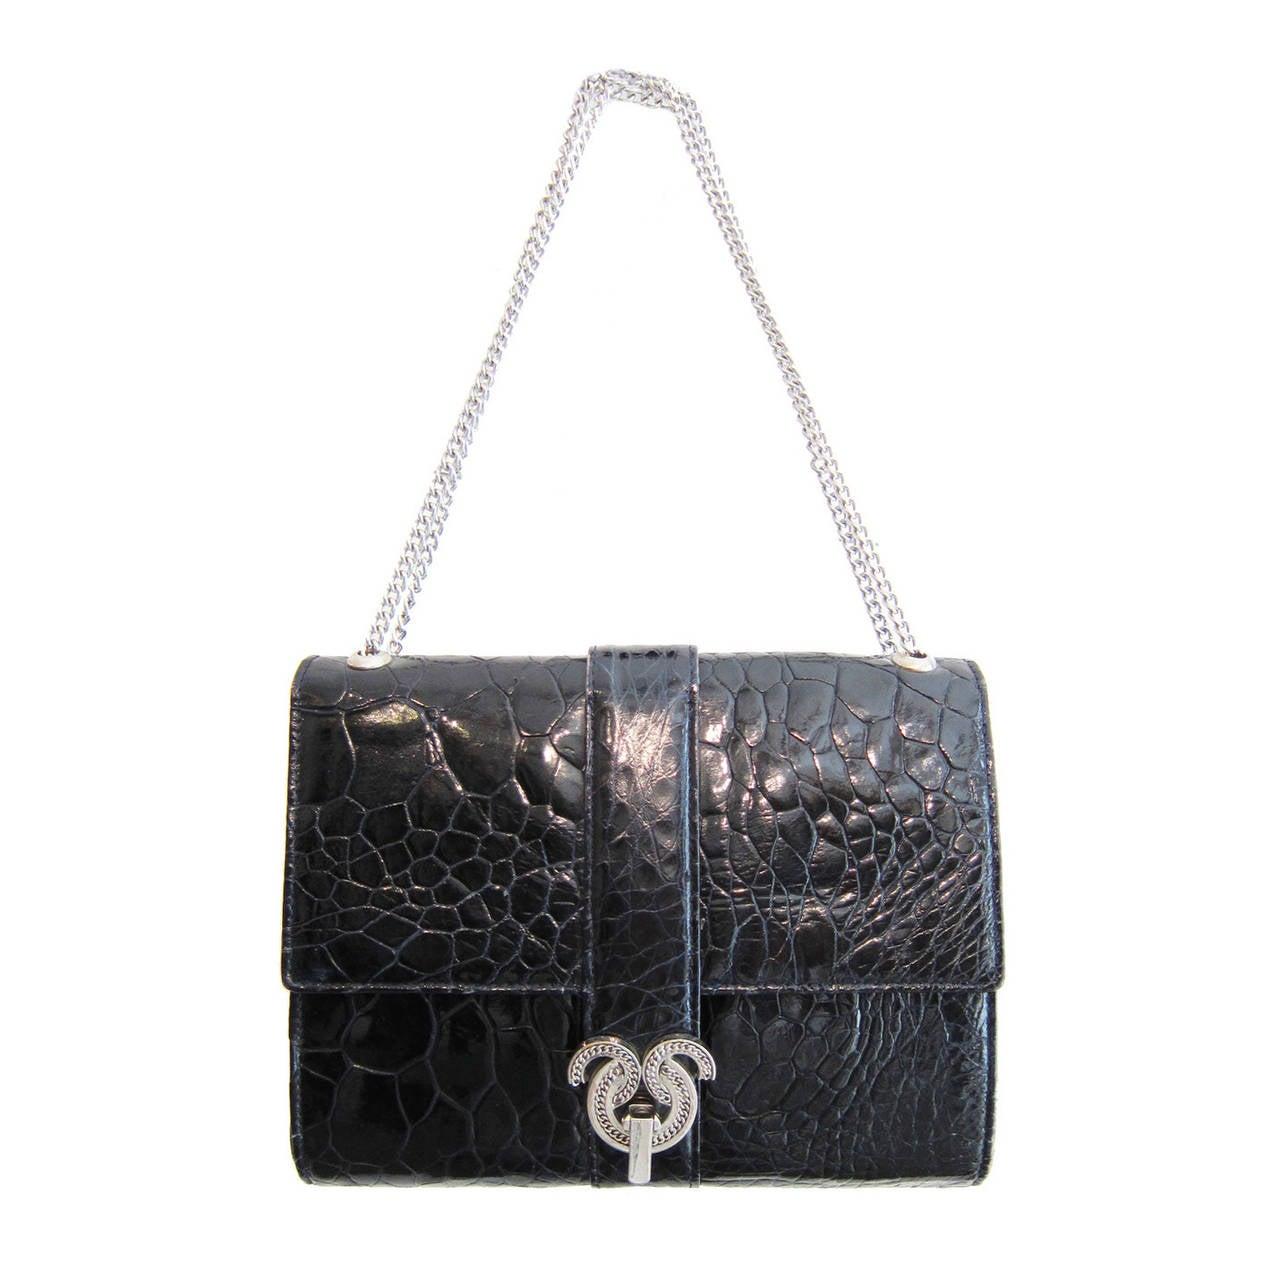 Modell Royal Black Crocodile Shoulder Chain Bag 1960 S For